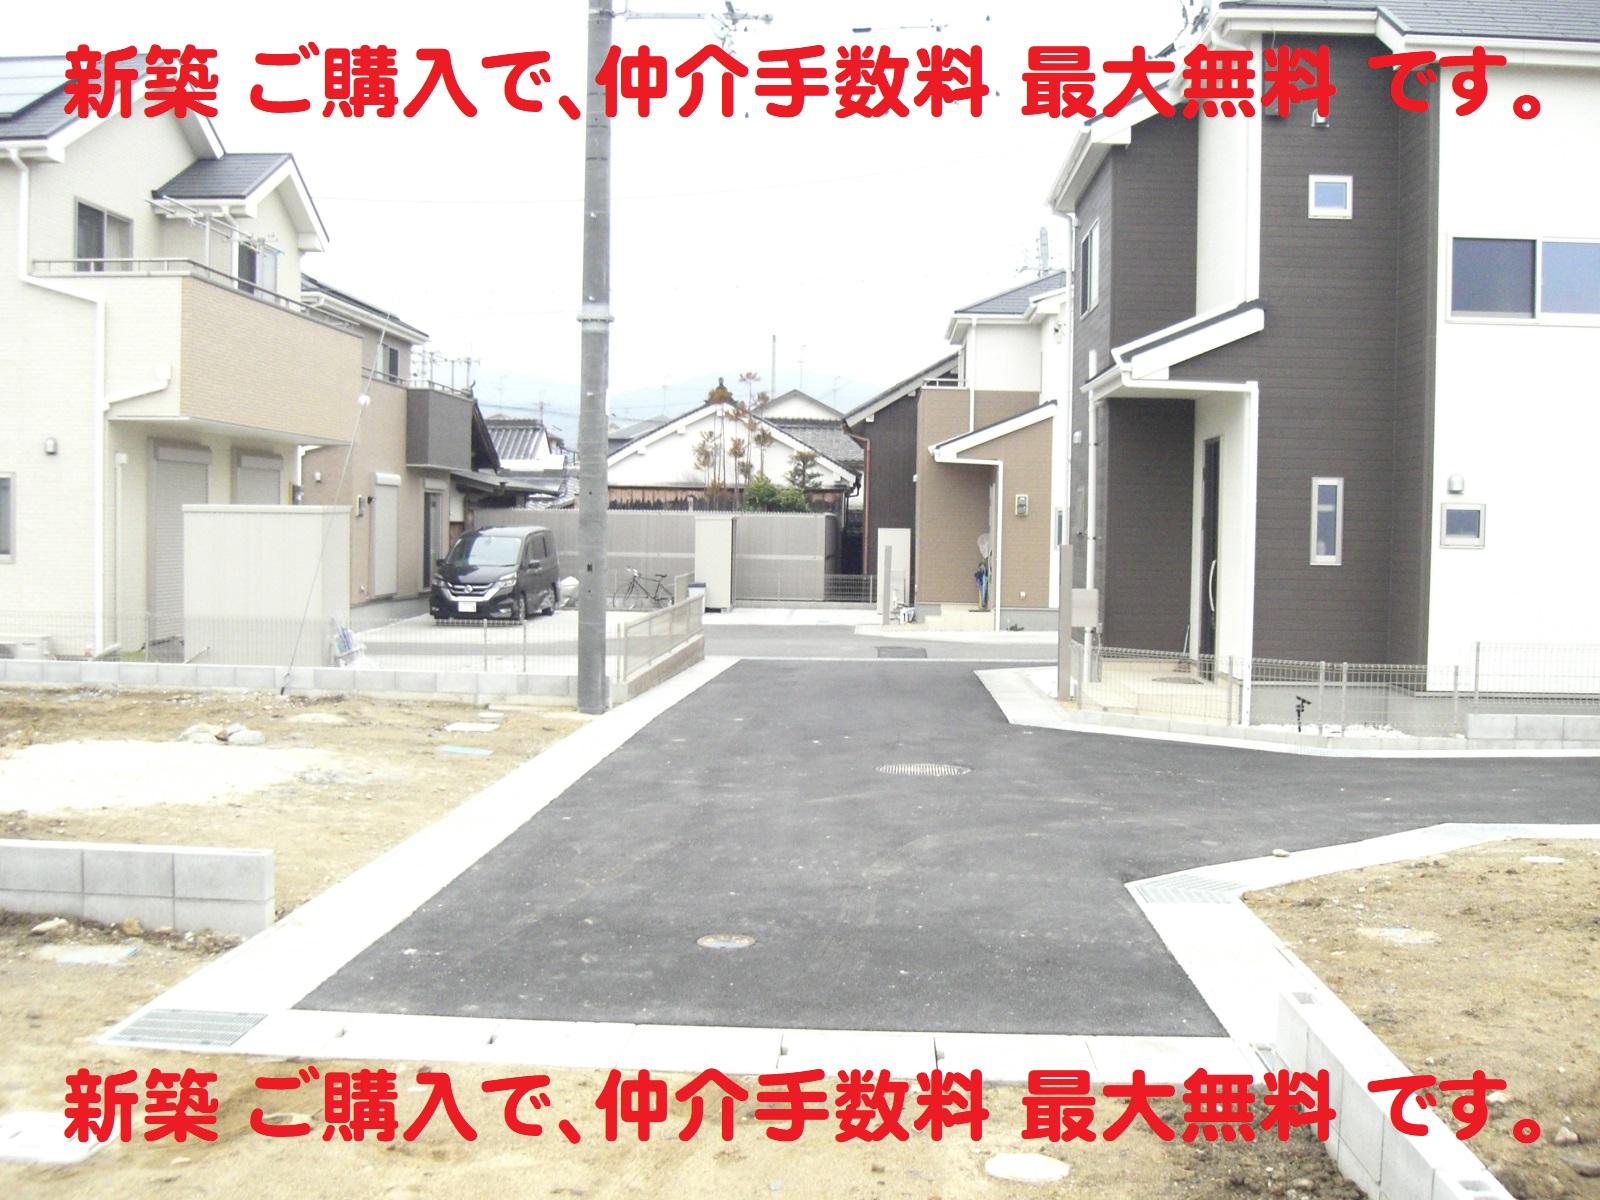 天理市 前栽町 新築 残1棟 新規分譲 建物 飯田グループ 一建設 高級仕様